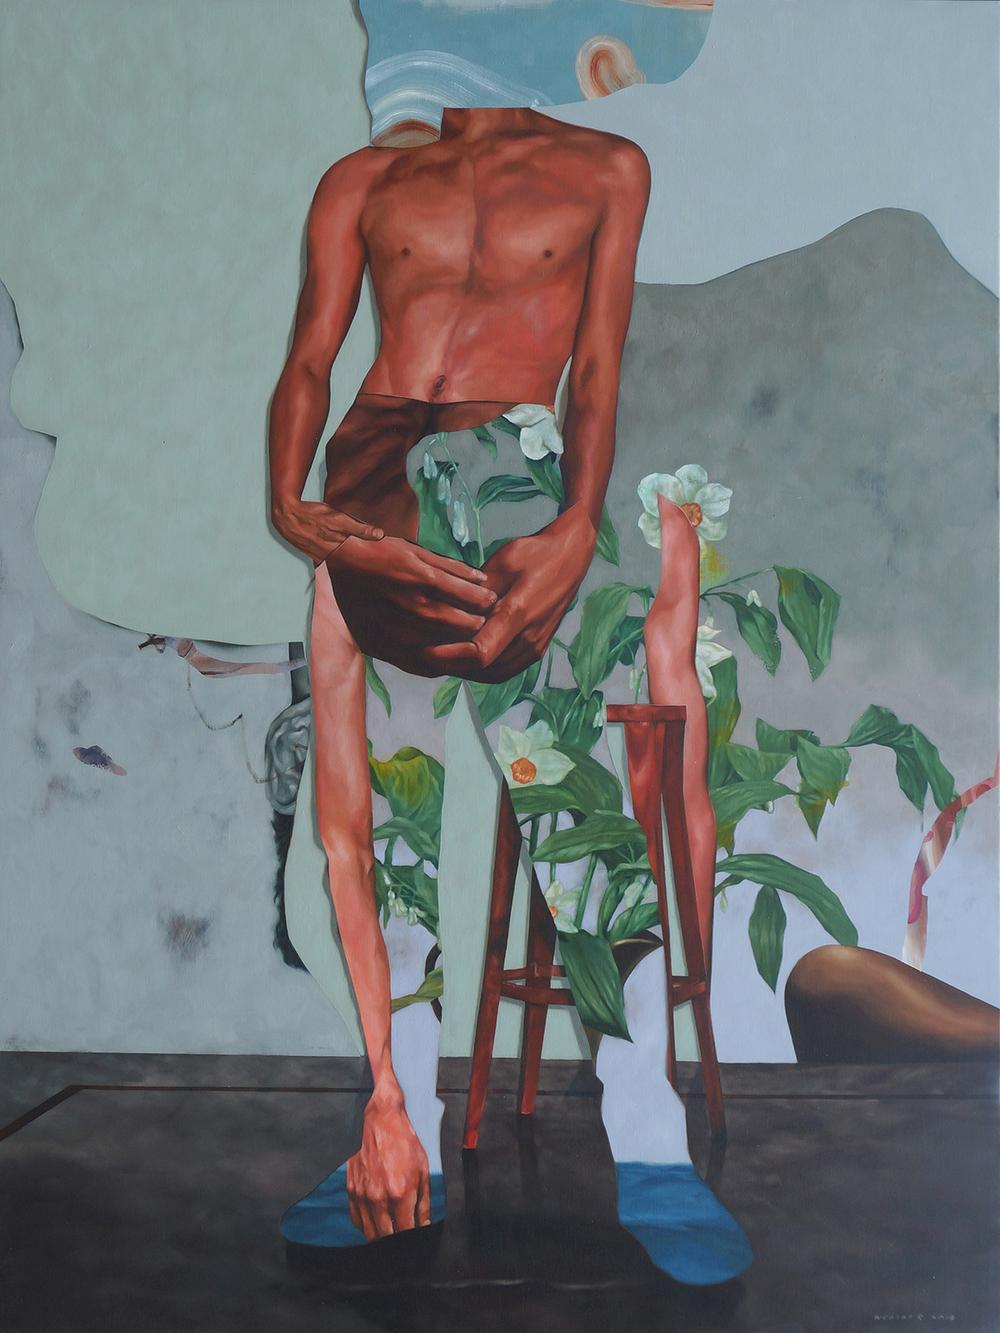 Wedhar Riyadi, 'Body Bouquet', 2019, oil on canvas, 200 x 150cm. Image courtesy of the artist and Yavuz Gallery.